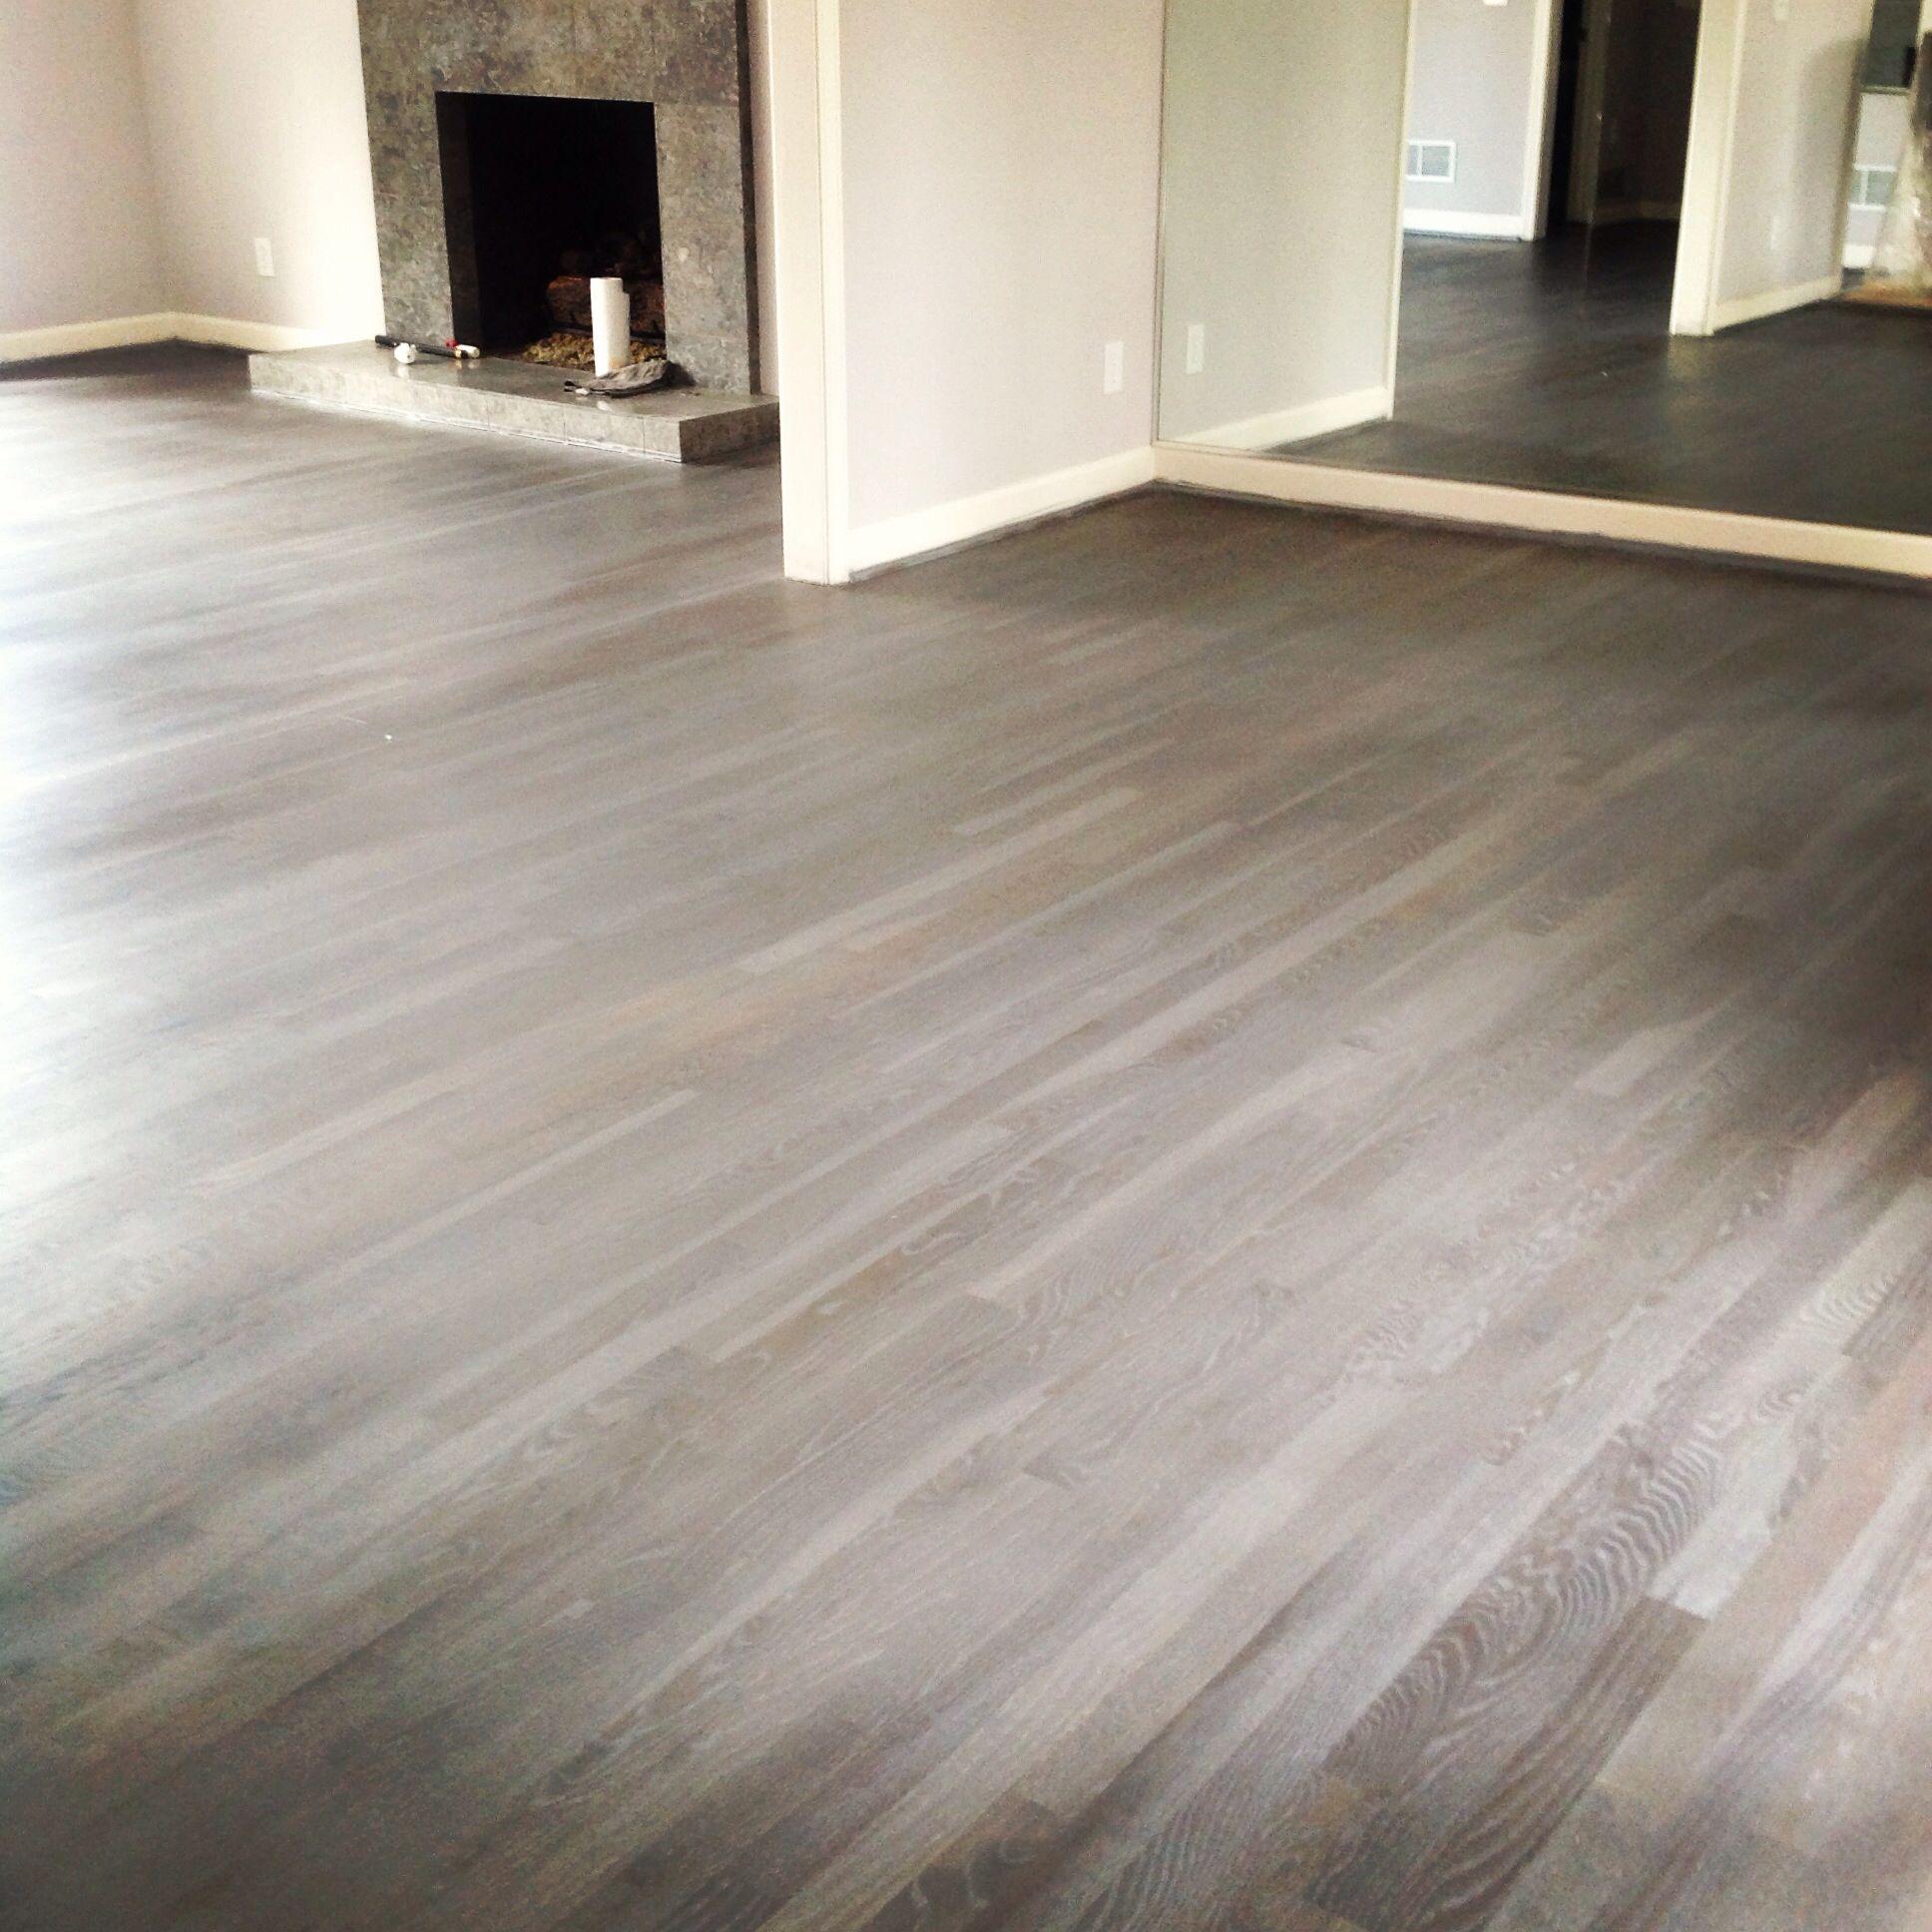 oak floor refinishing  Oak Wood Floor The Benefits of Using It  Floor design ideas  Country